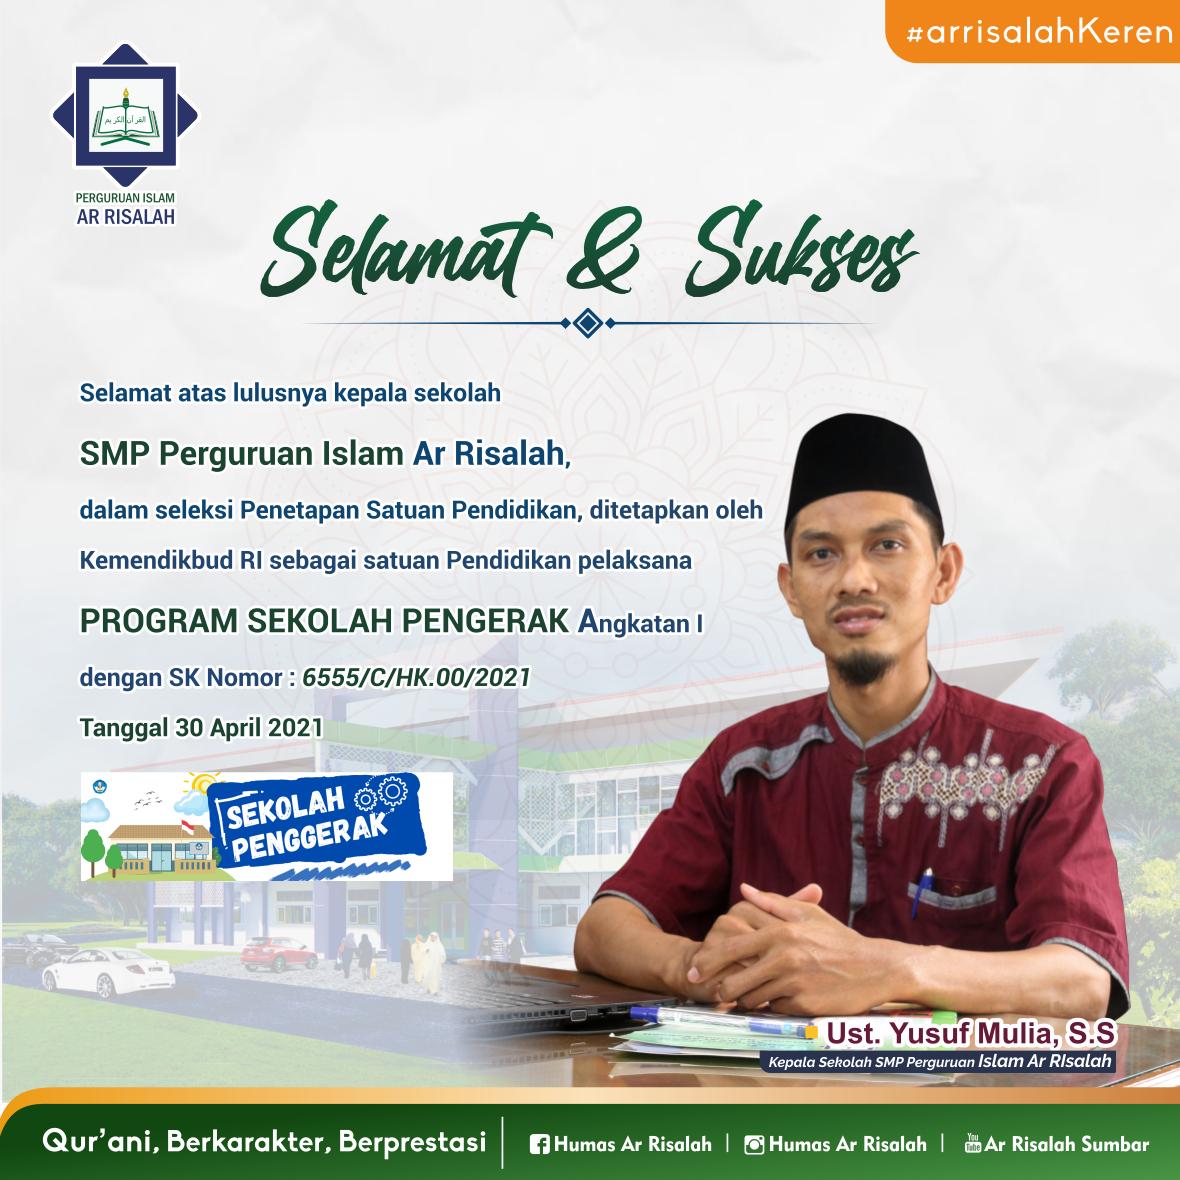 SMP Perguruan Islam Ar Risalah Lulus Program Sekolah Penggerak